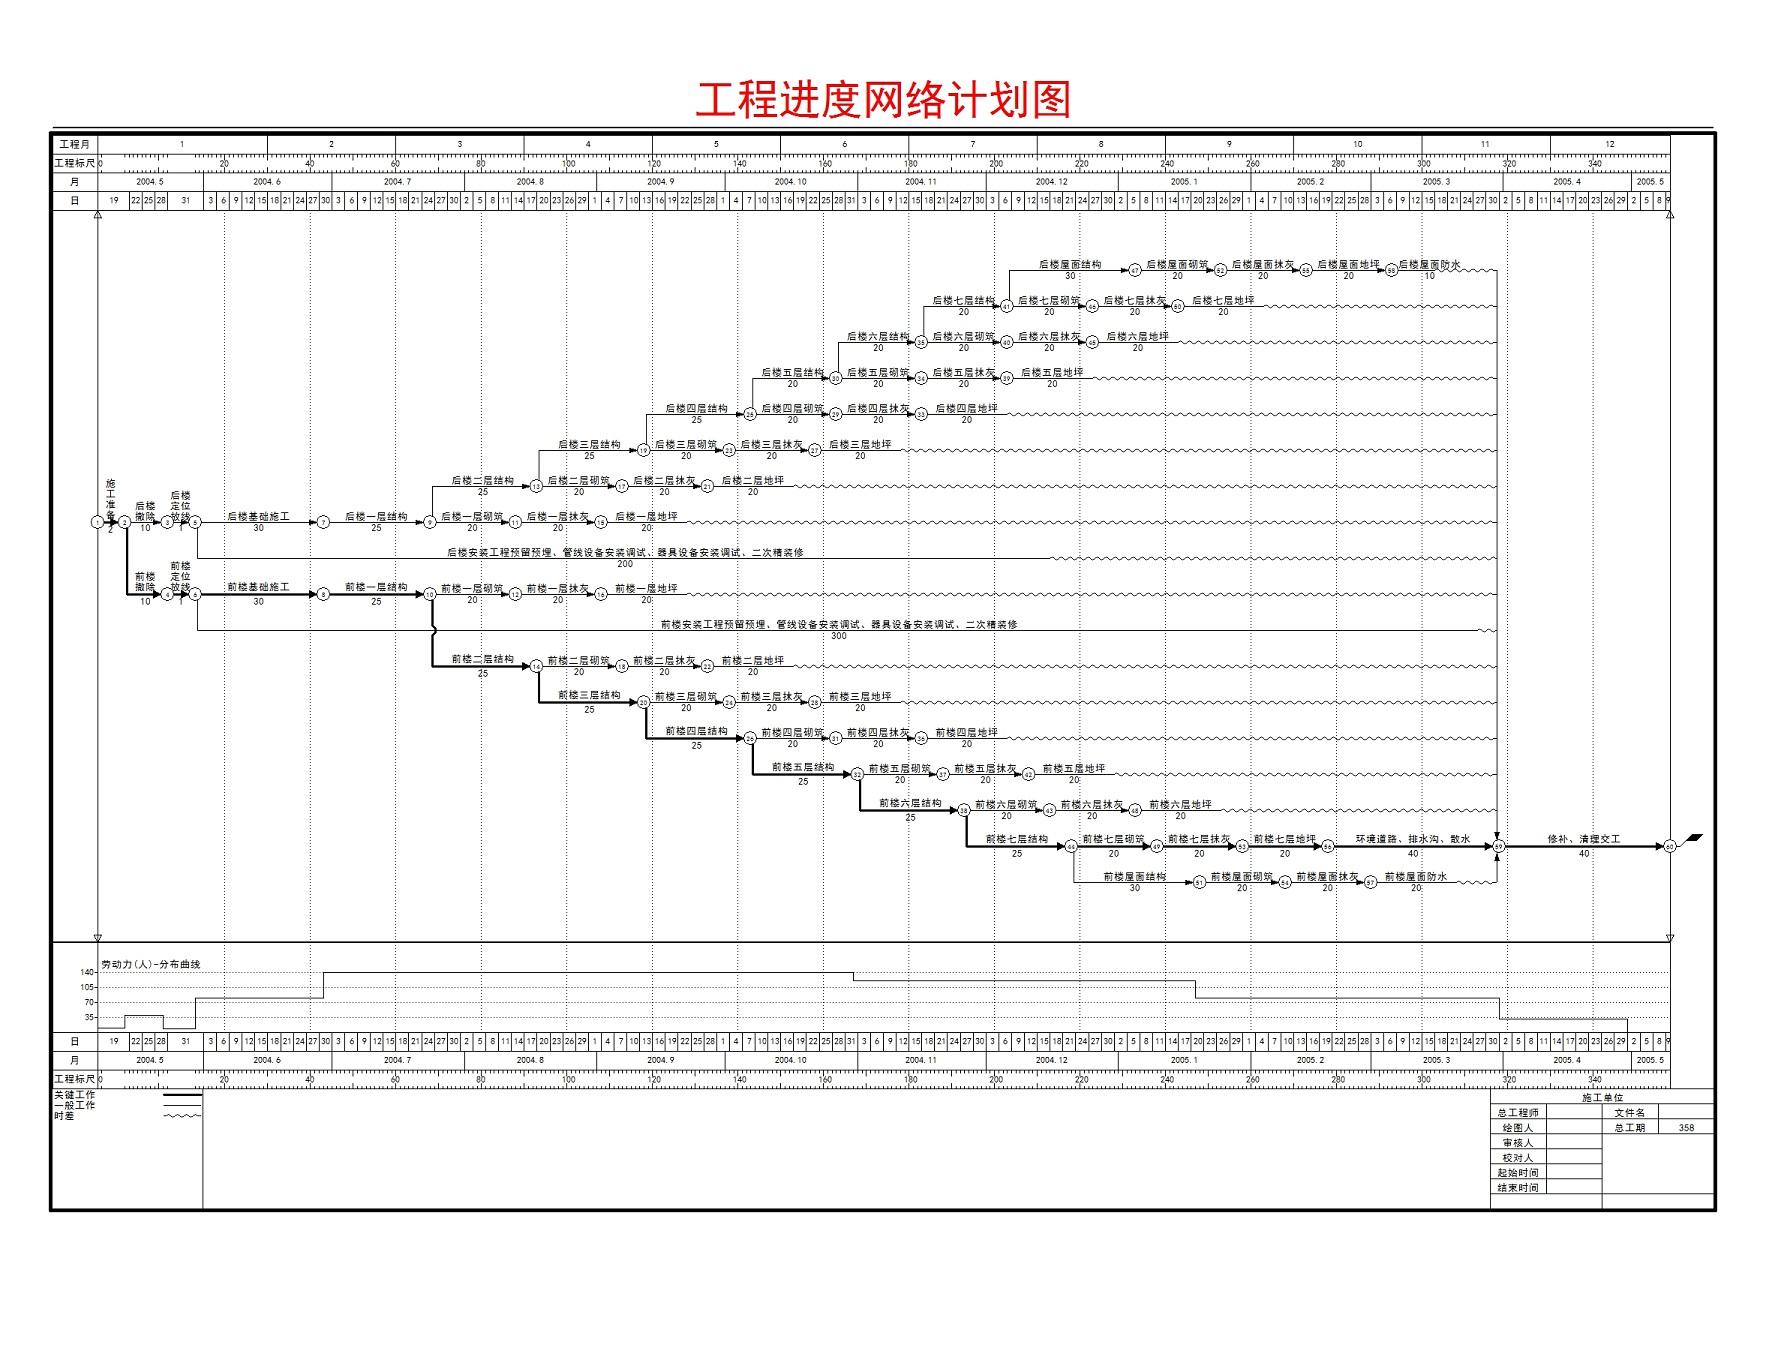 翰文生产计划排程软件